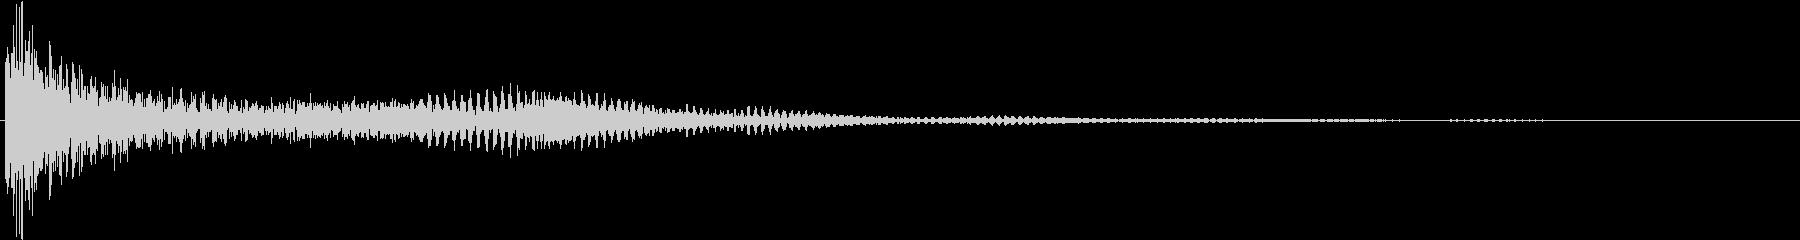 ティンパニ:高いティンパニ、輝きをの未再生の波形